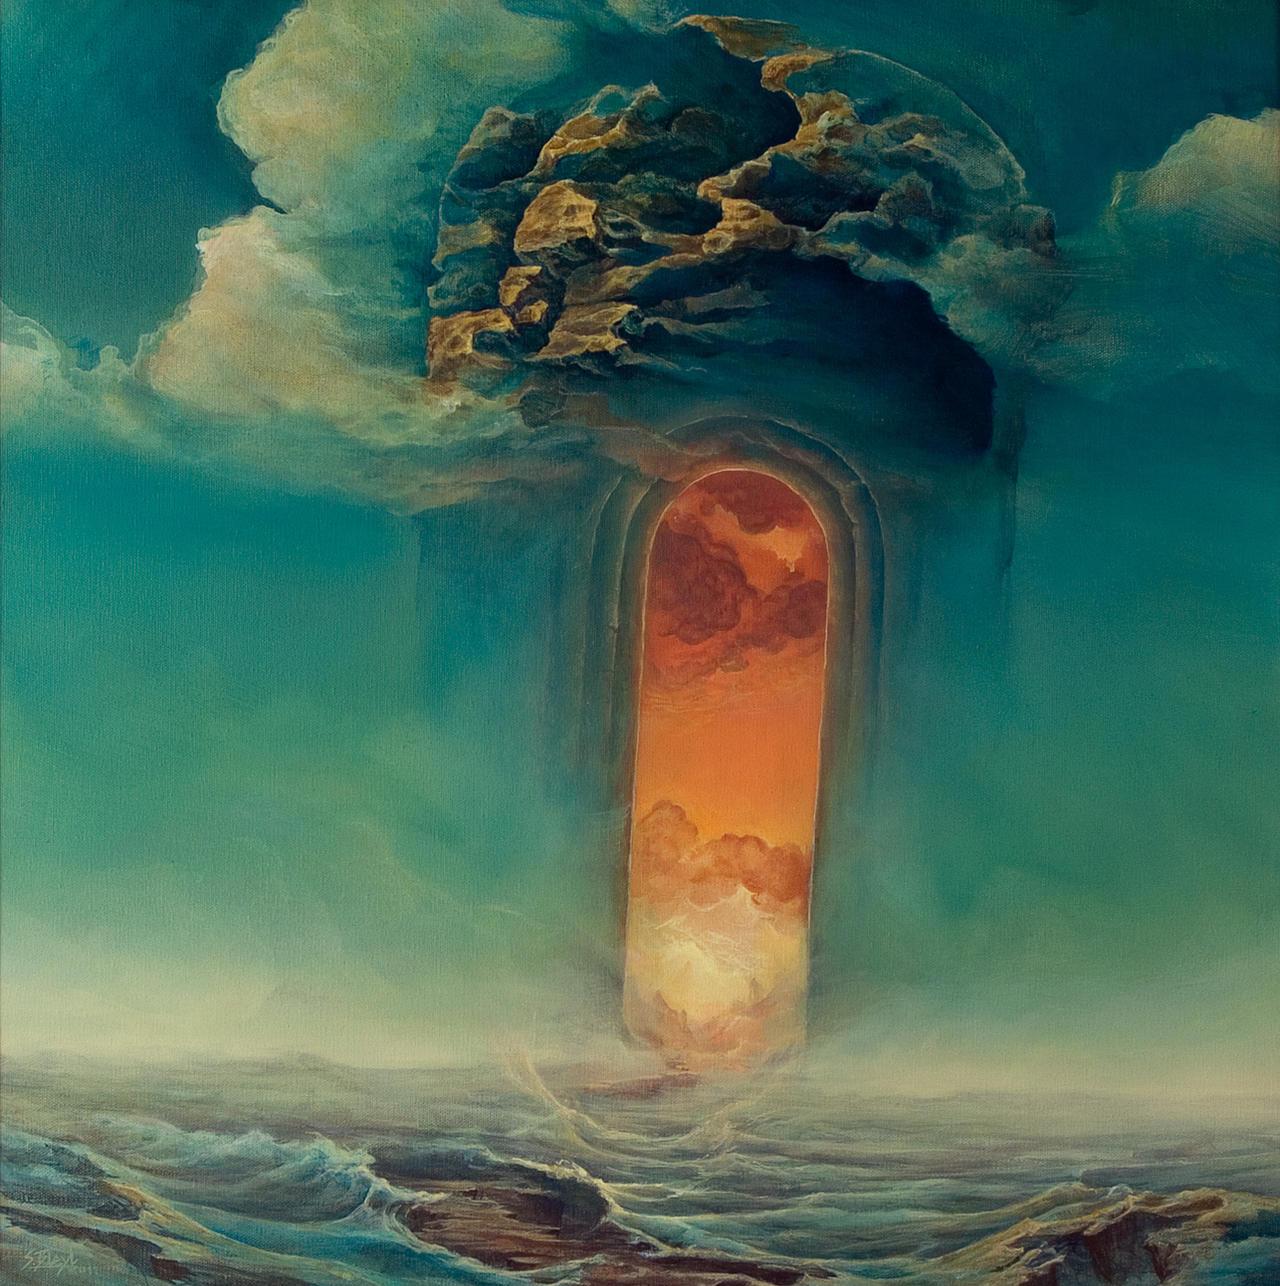 Back to the deep lands II by Scheinlicht